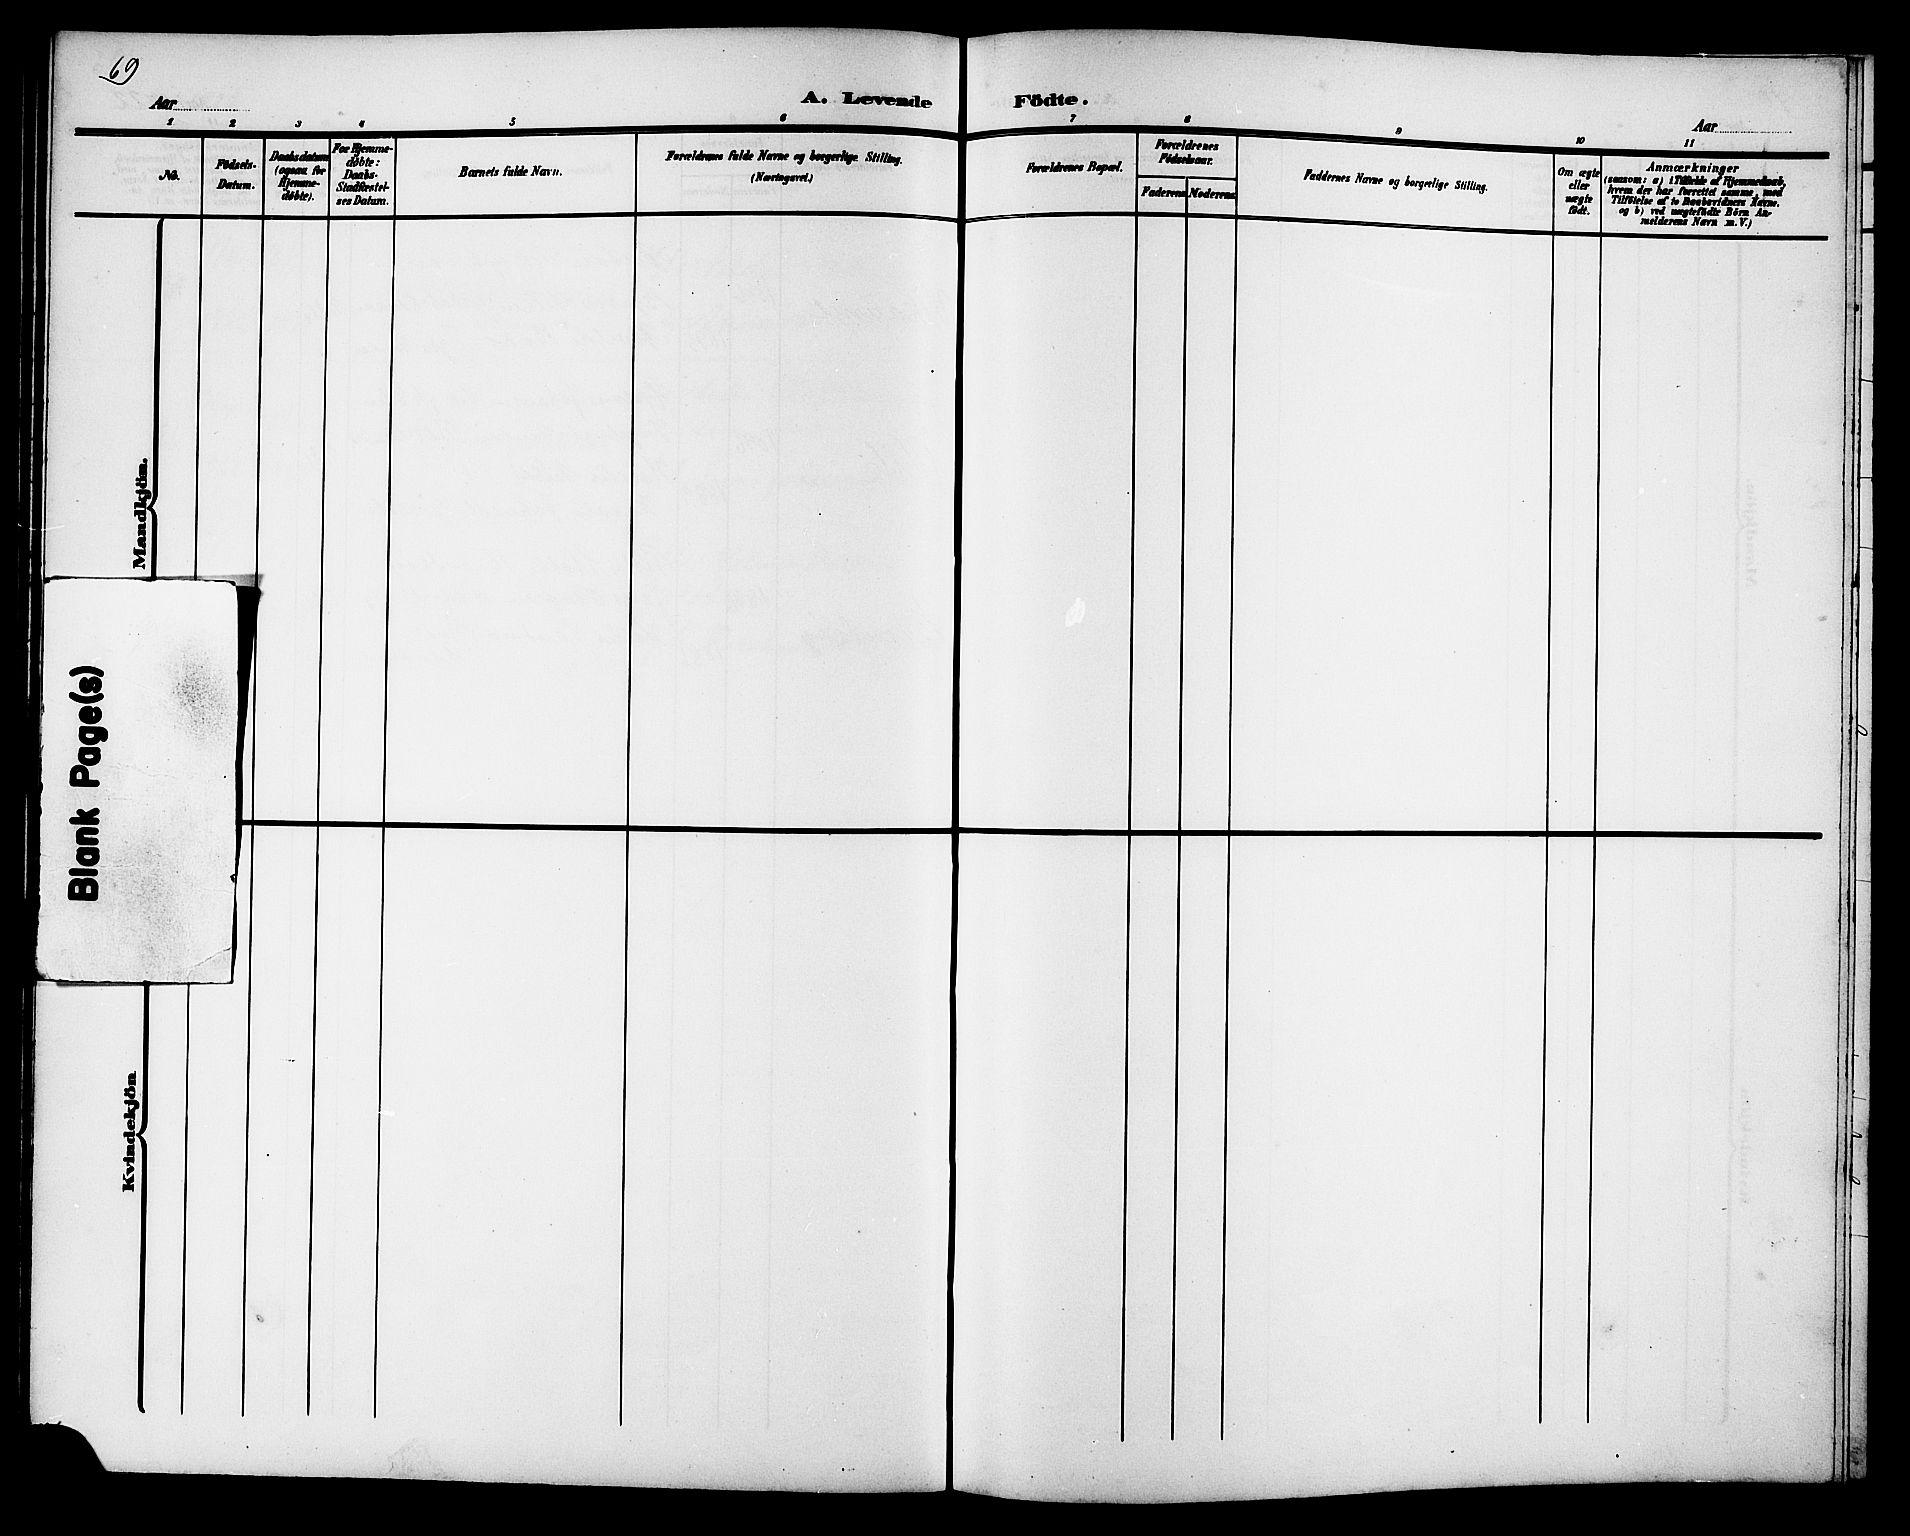 SAT, Ministerialprotokoller, klokkerbøker og fødselsregistre - Sør-Trøndelag, 657/L0717: Klokkerbok nr. 657C04, 1904-1923, s. 69